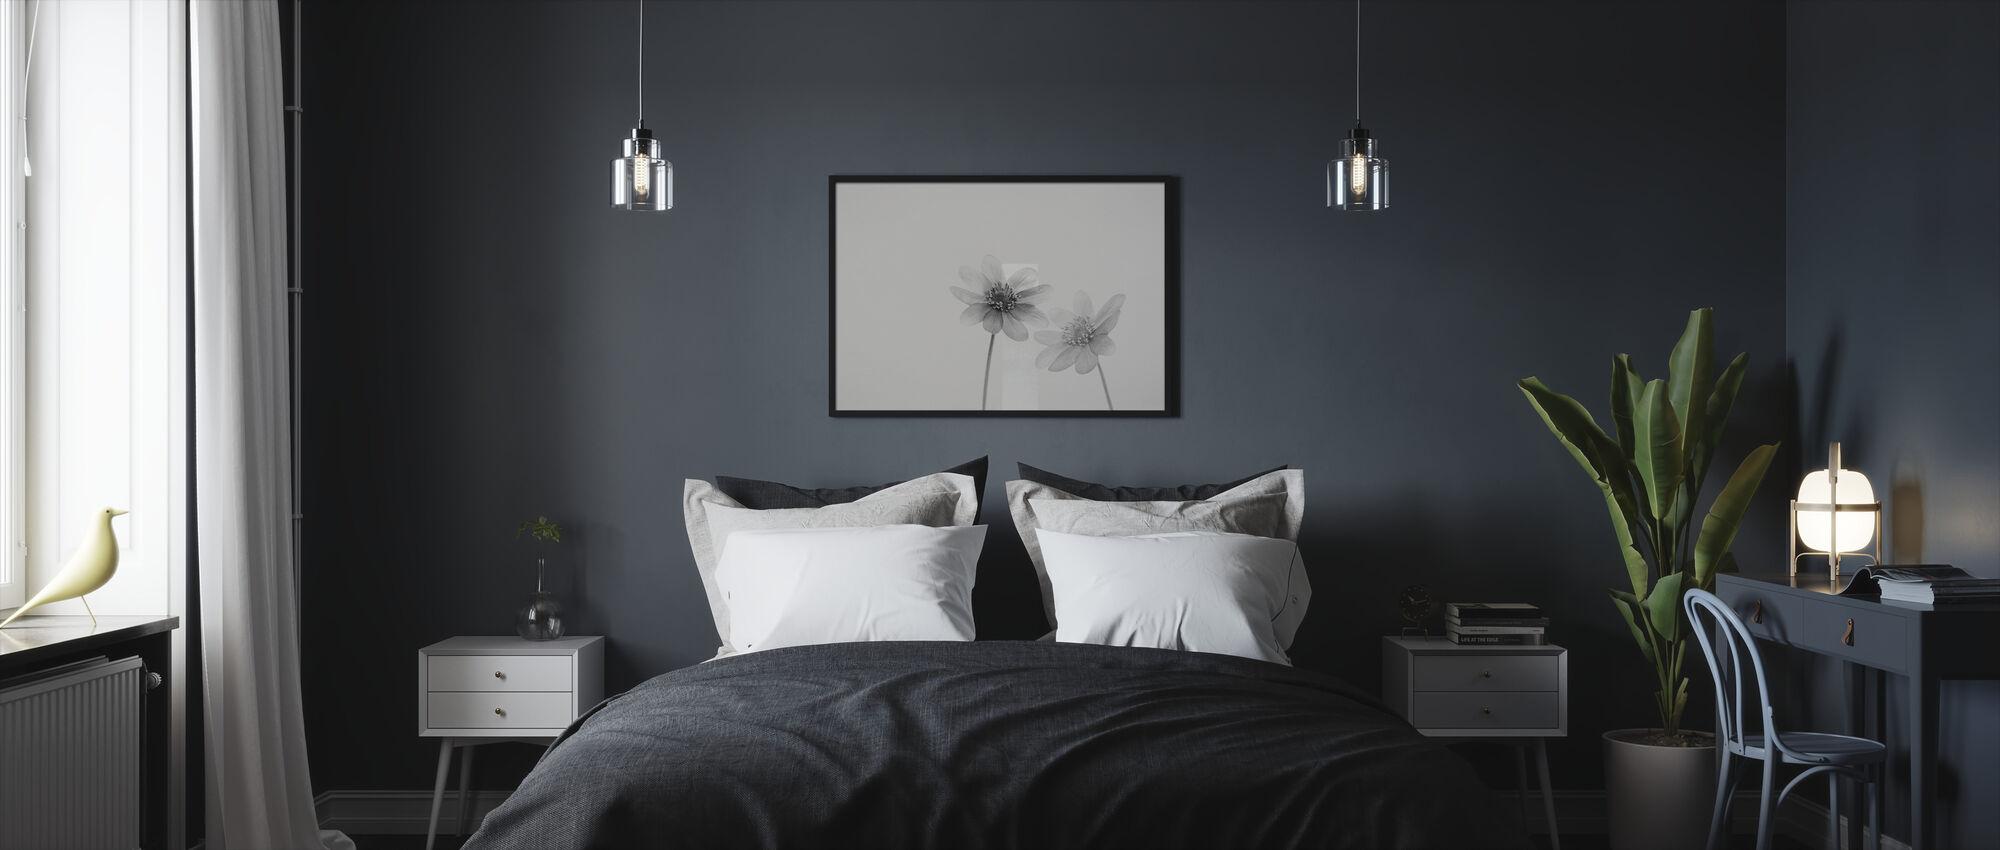 Anemones - Framed print - Bedroom